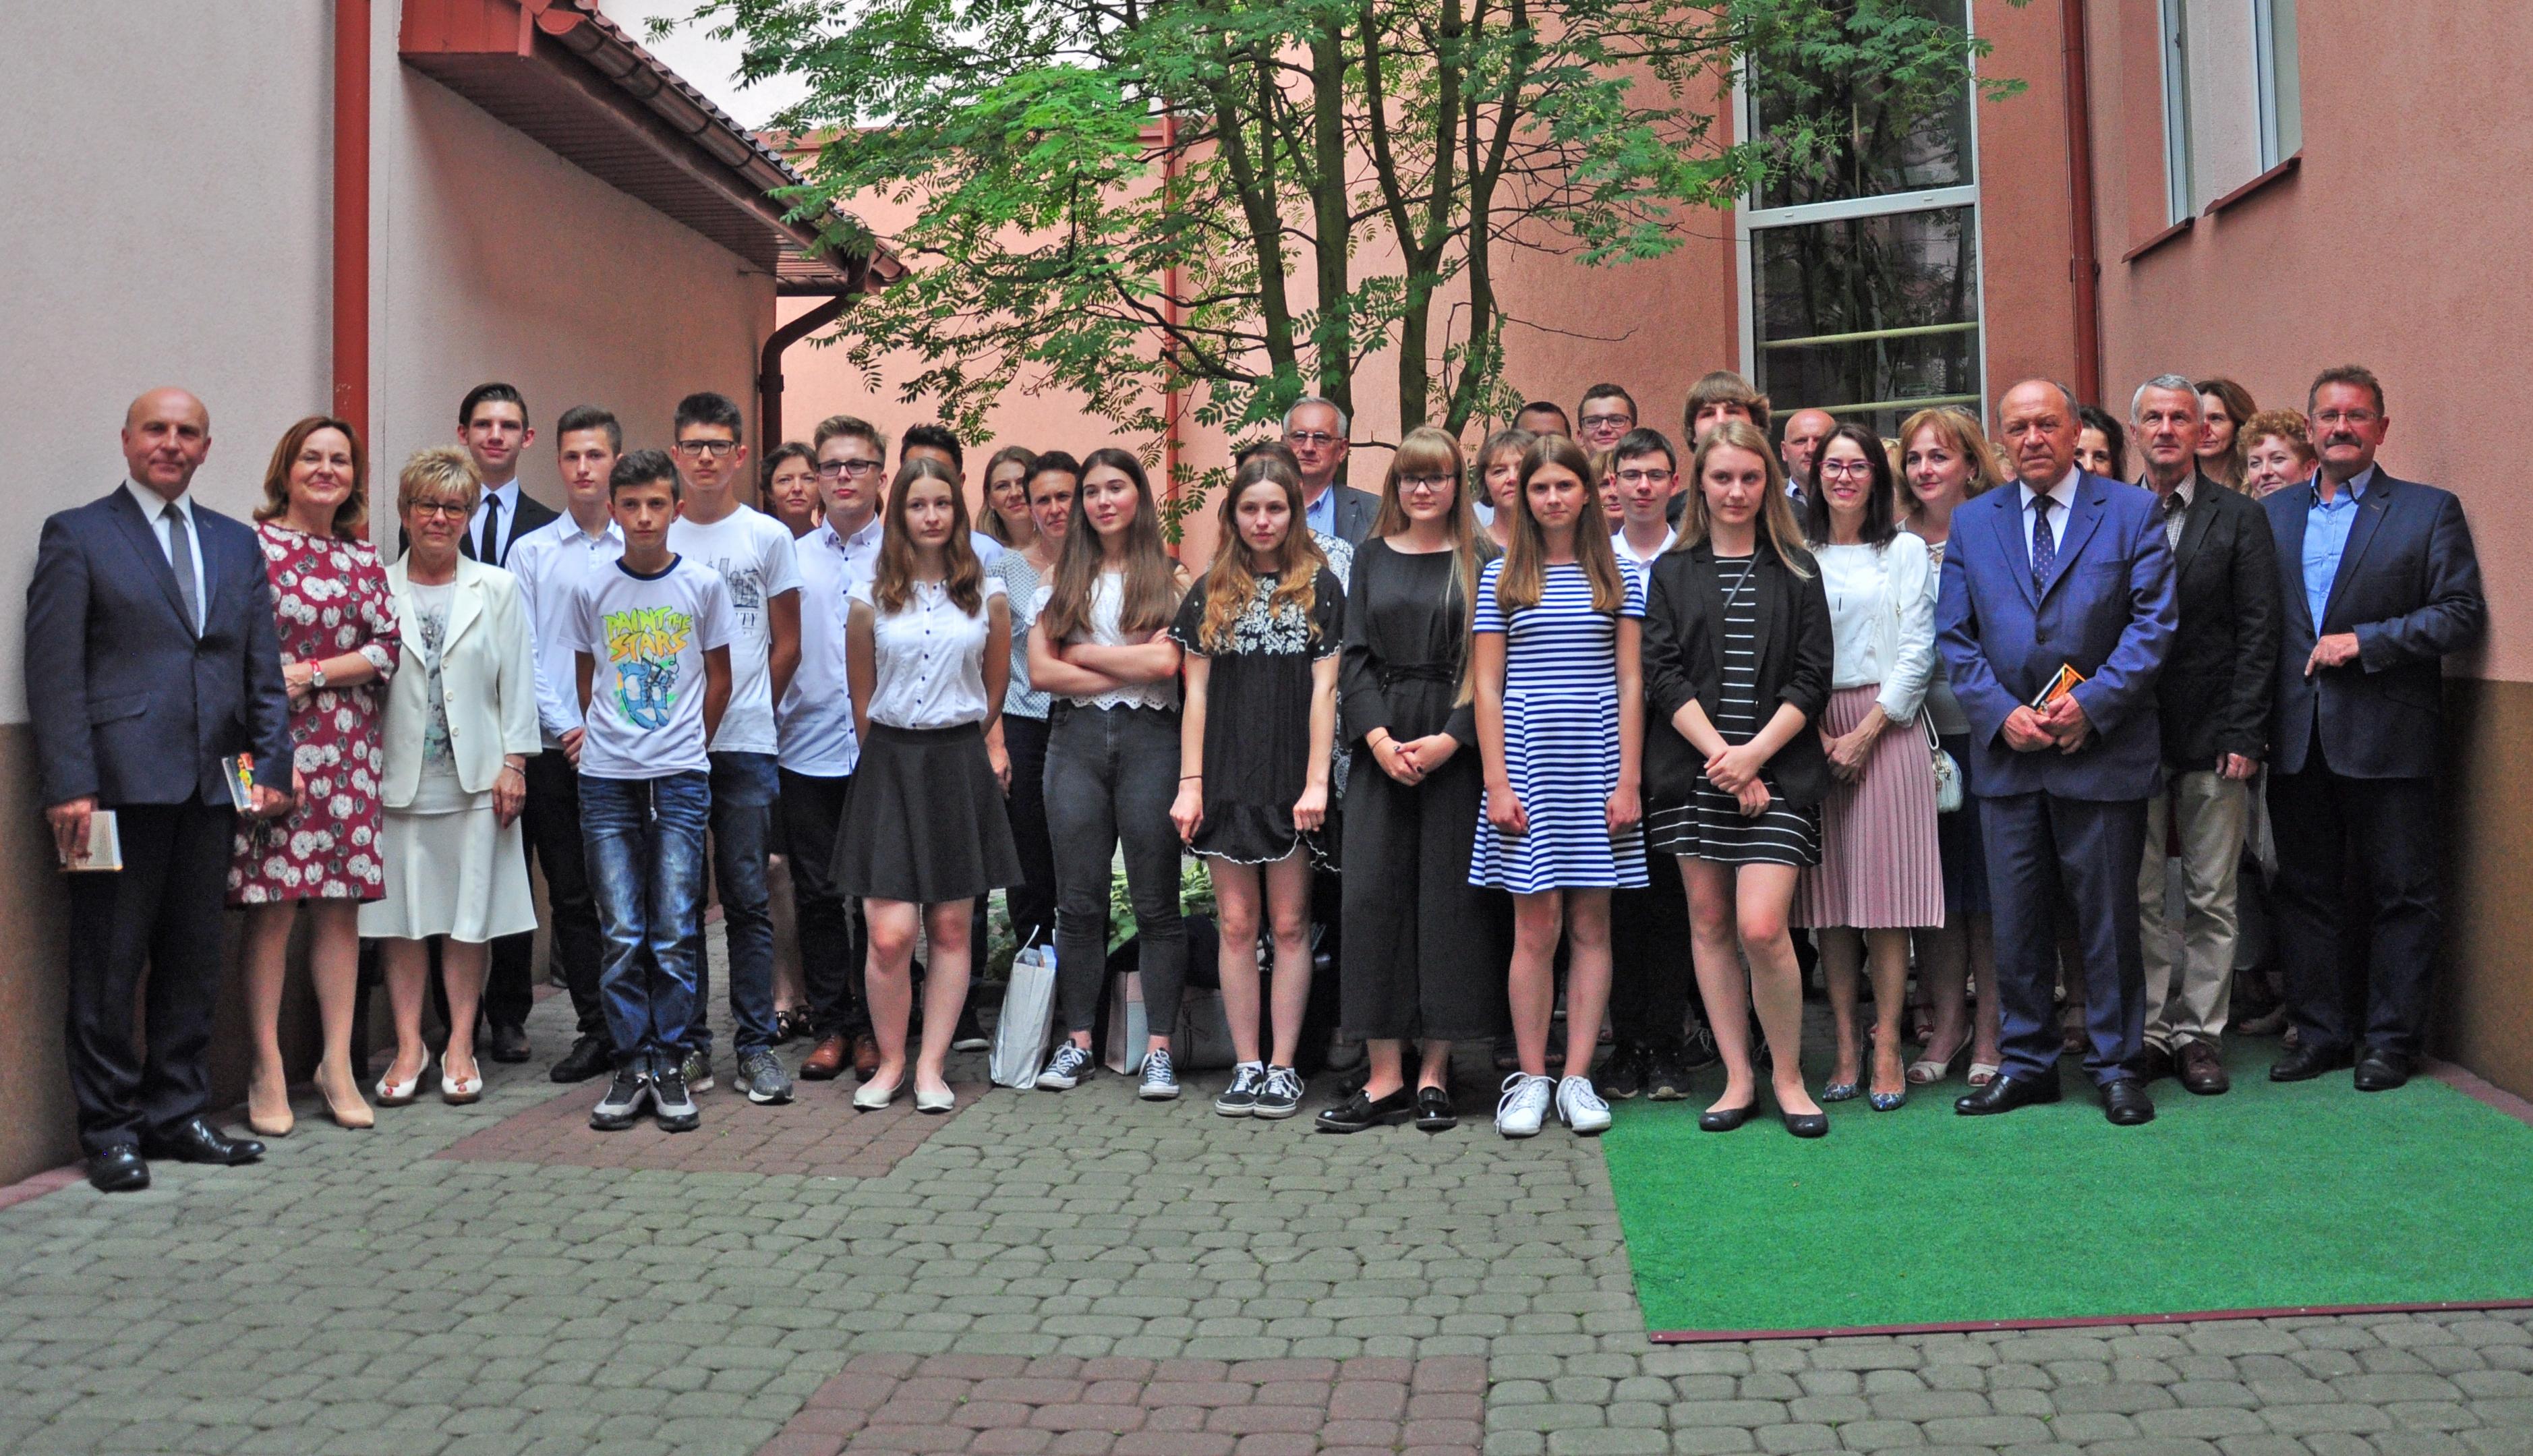 Powiat kolbuszowski. Laureaci konkursów i olimpiad spotkali się w bibliotece w Kolbuszowej  - Zdjęcie główne